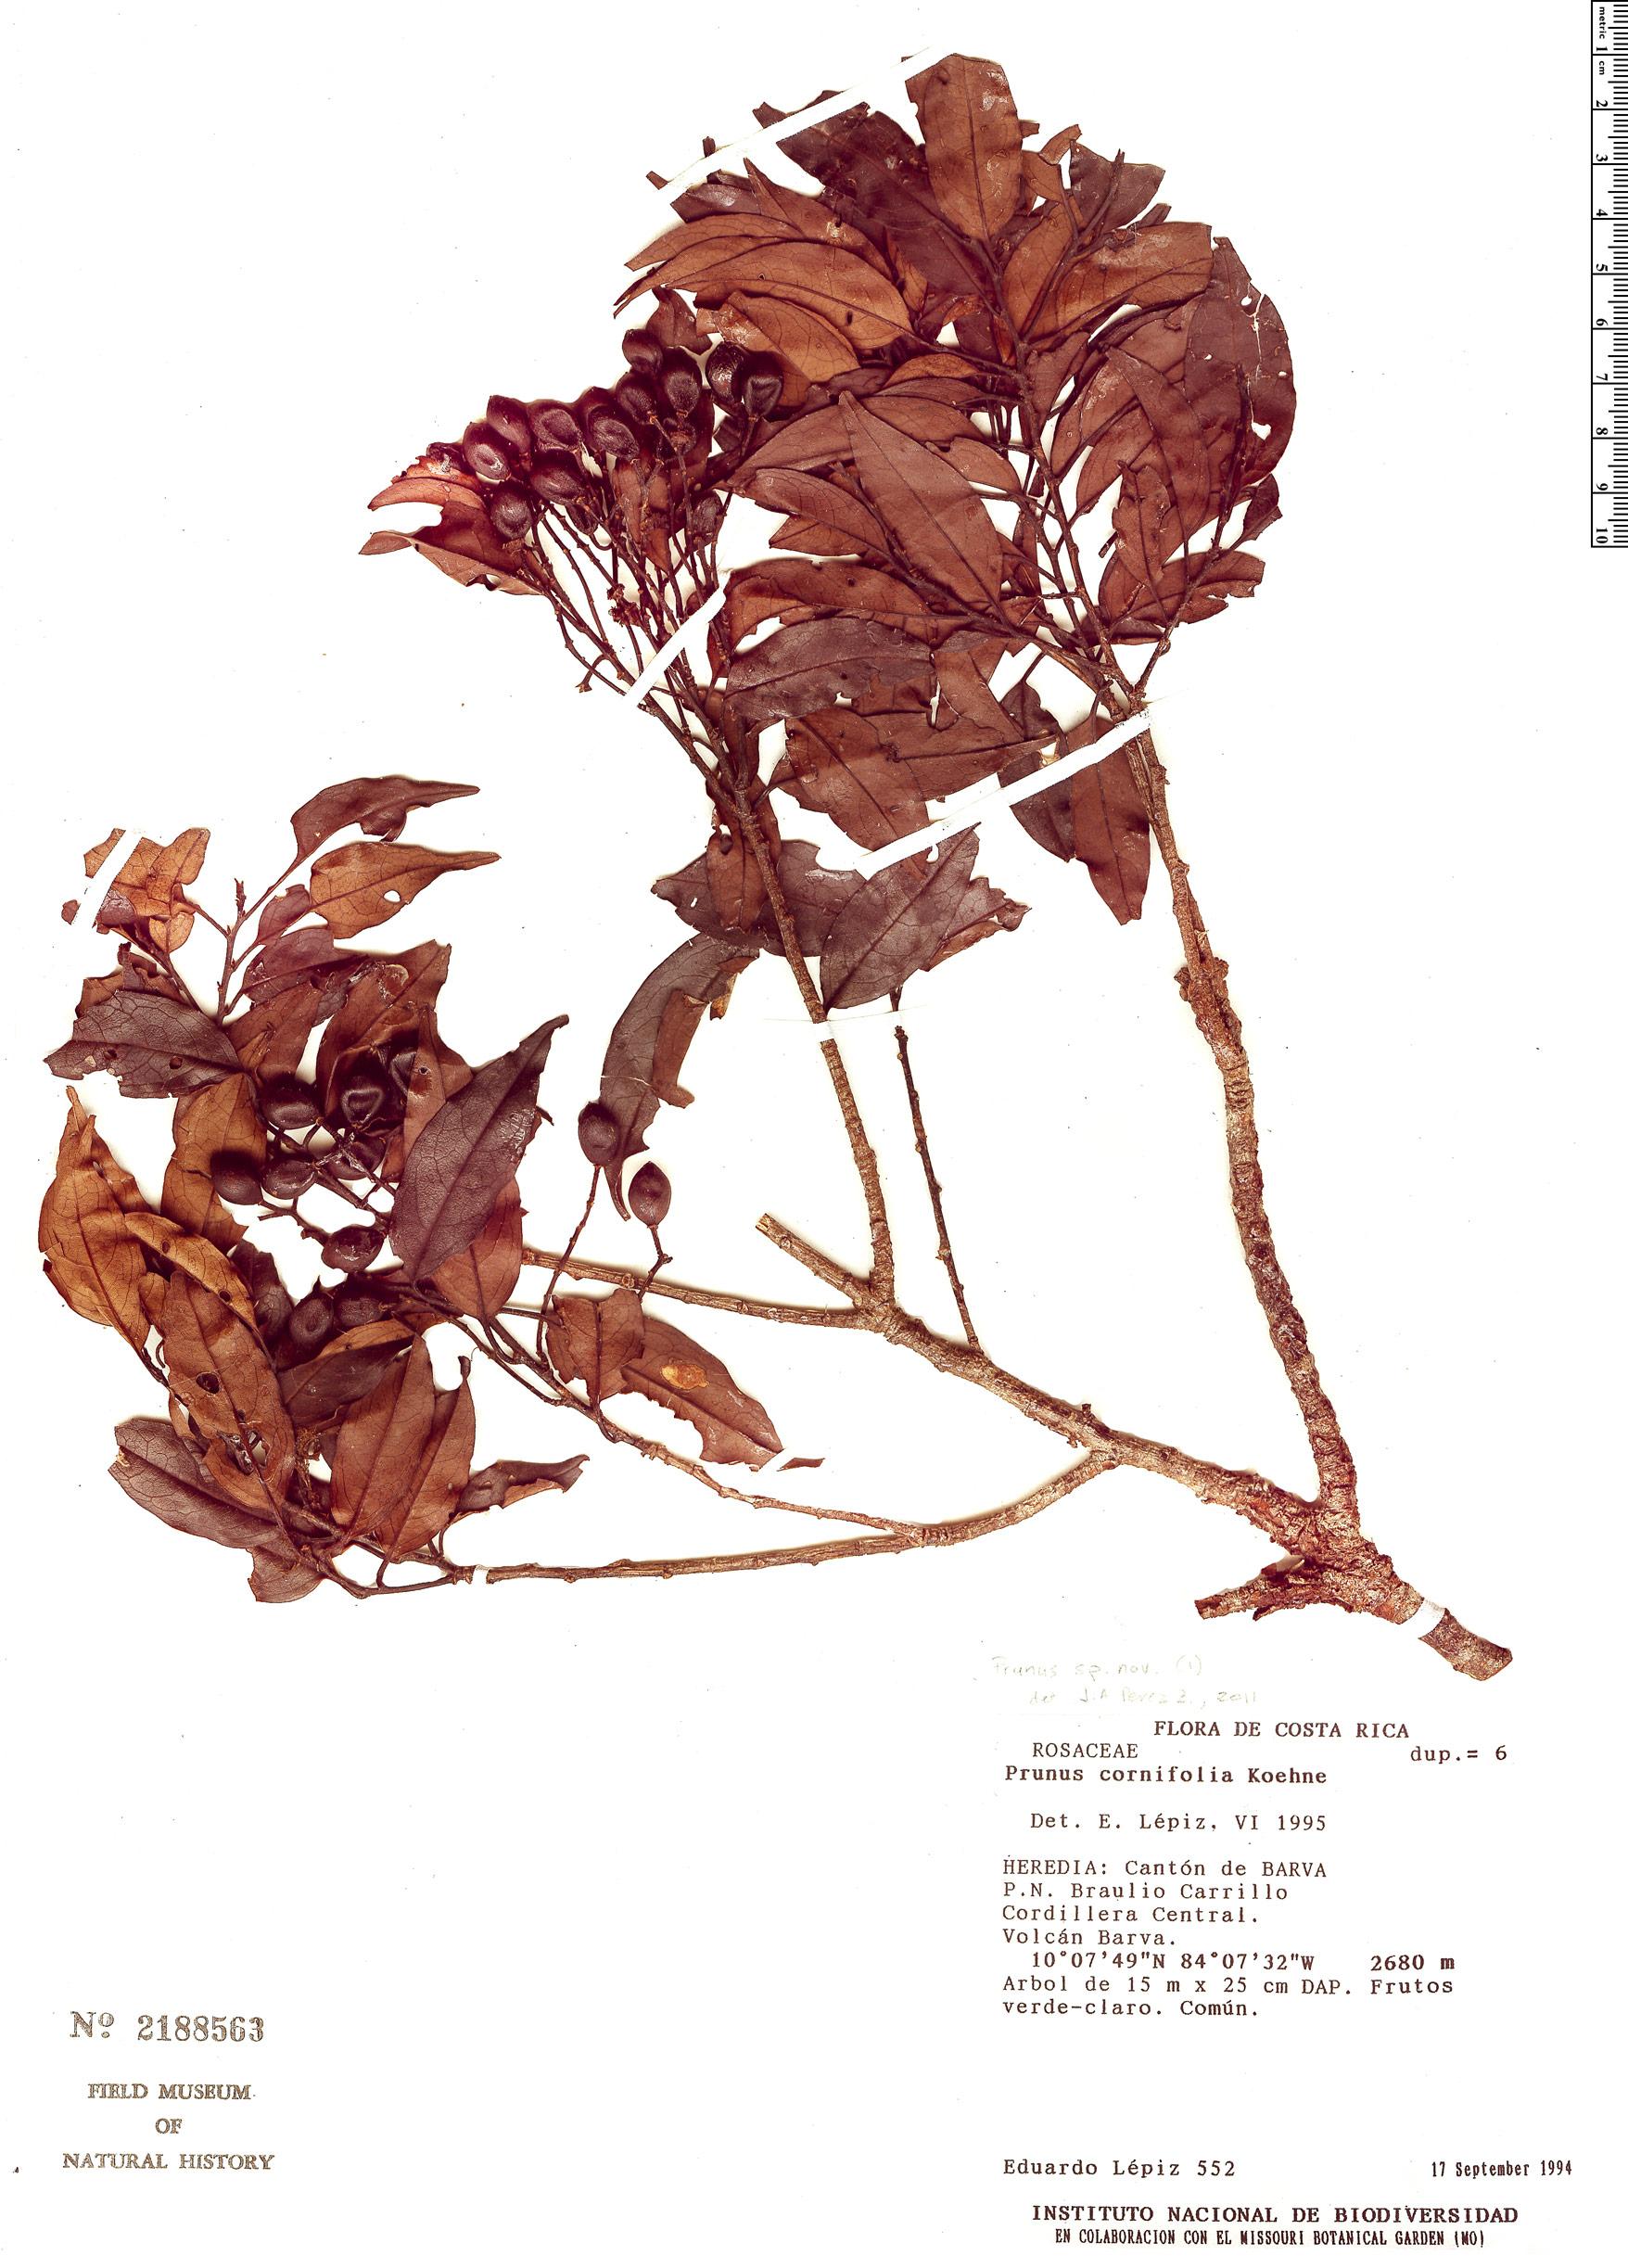 Specimen: Prunus